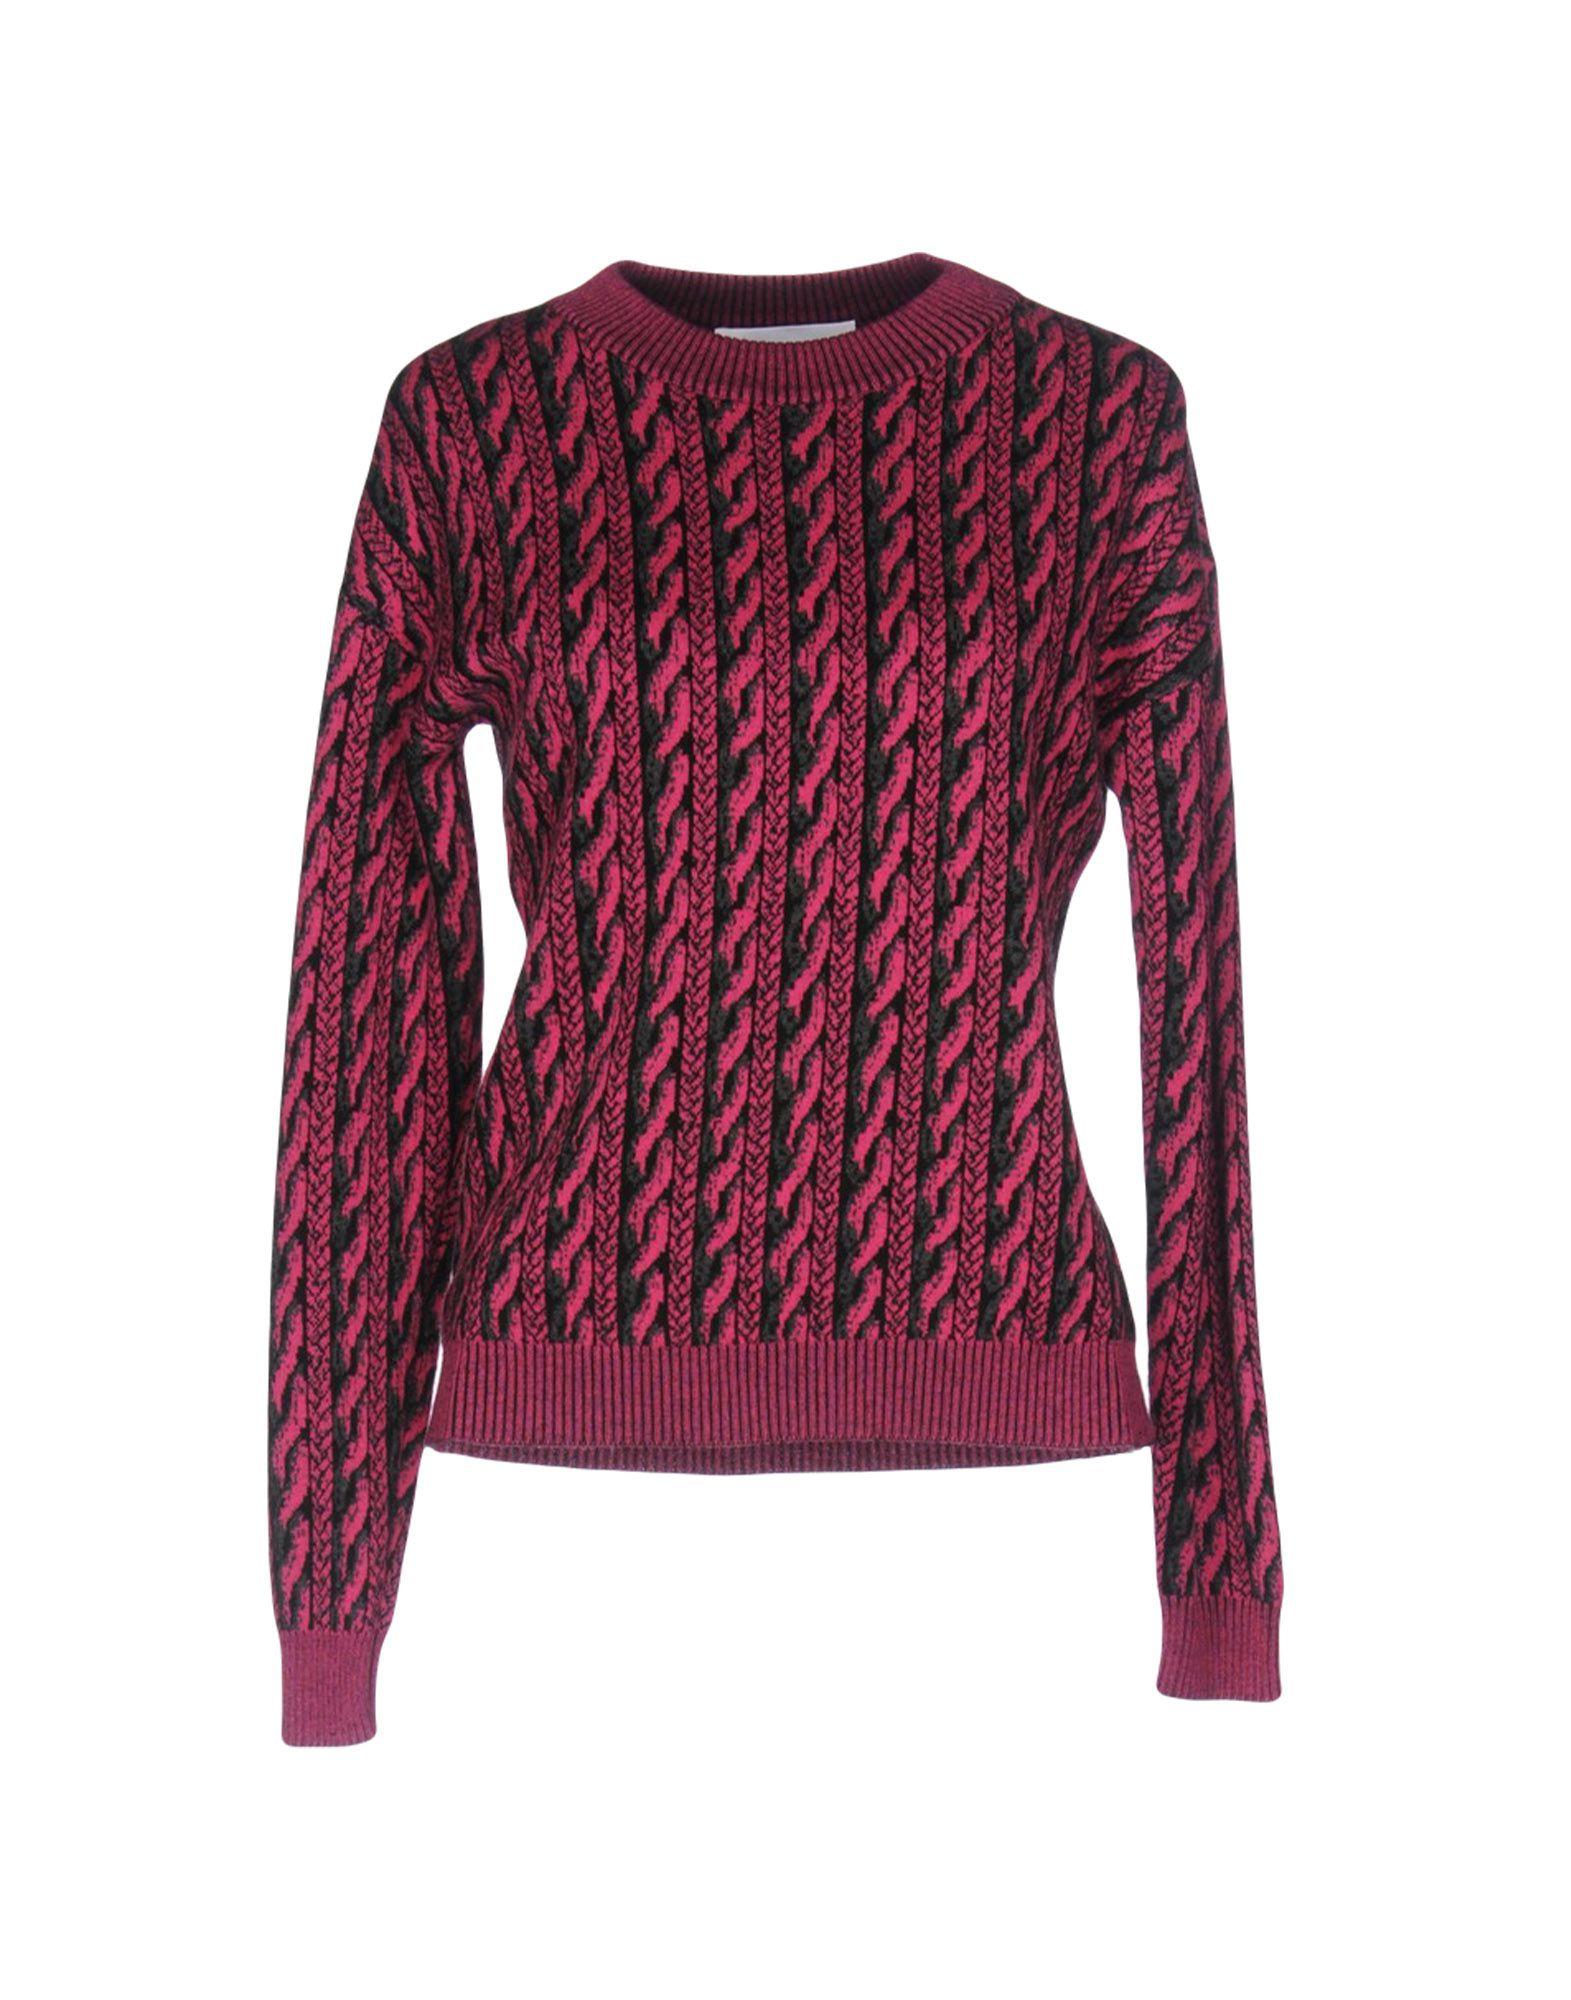 MOSCHINO COUTURE Damen Pullover Farbe Fuchsia Größe 4 jetztbilligerkaufen